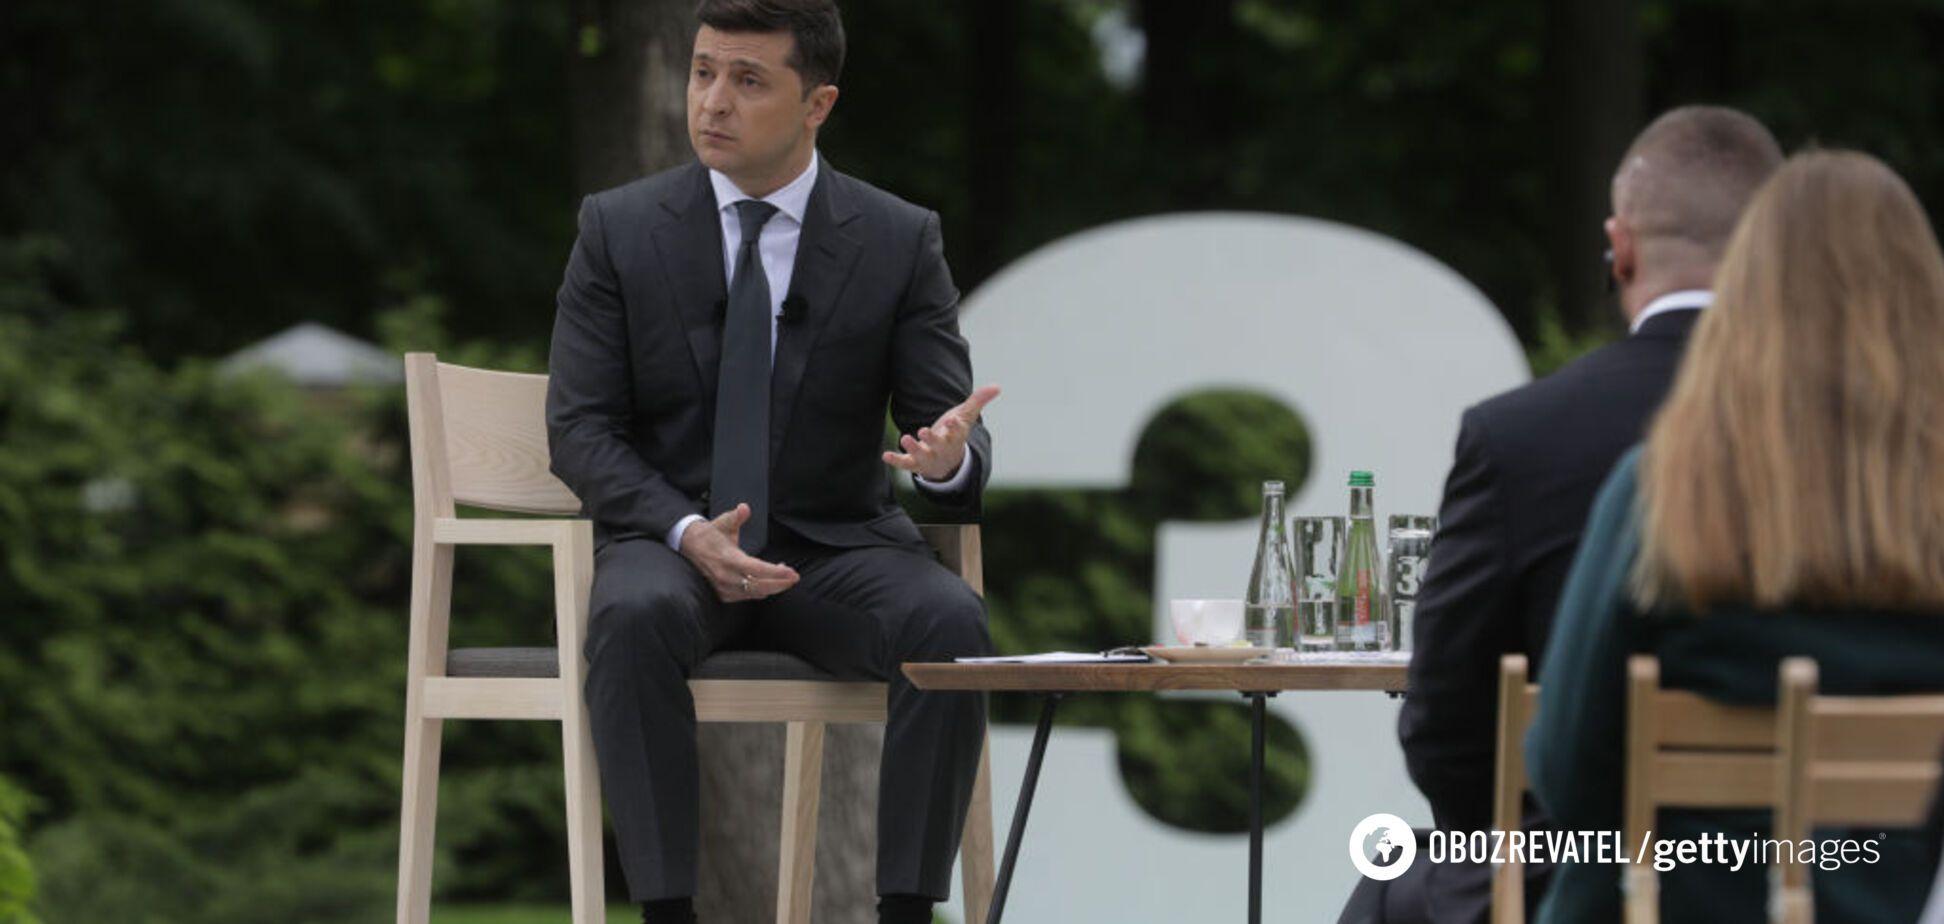 Лише 3,5 млн українців дивилися прес-конференцію Зеленського